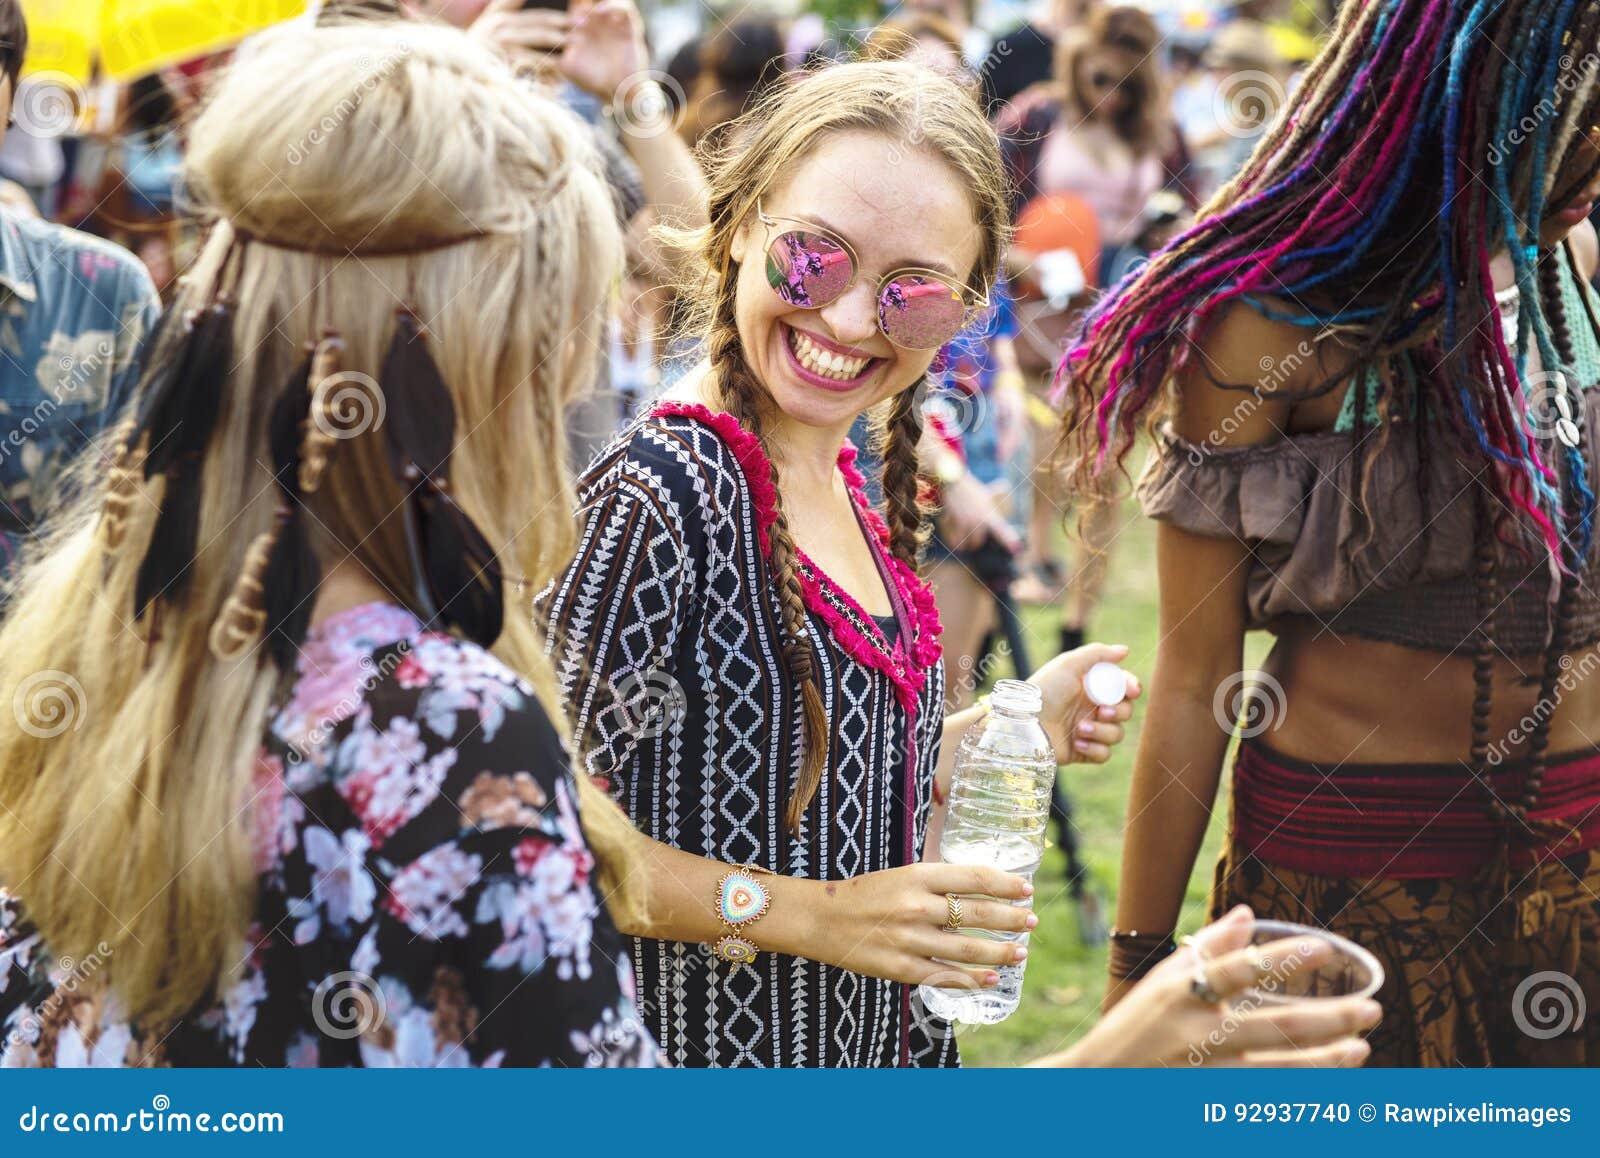 Groupe d amis buvant des bières appréciant le festival de musique ensemble